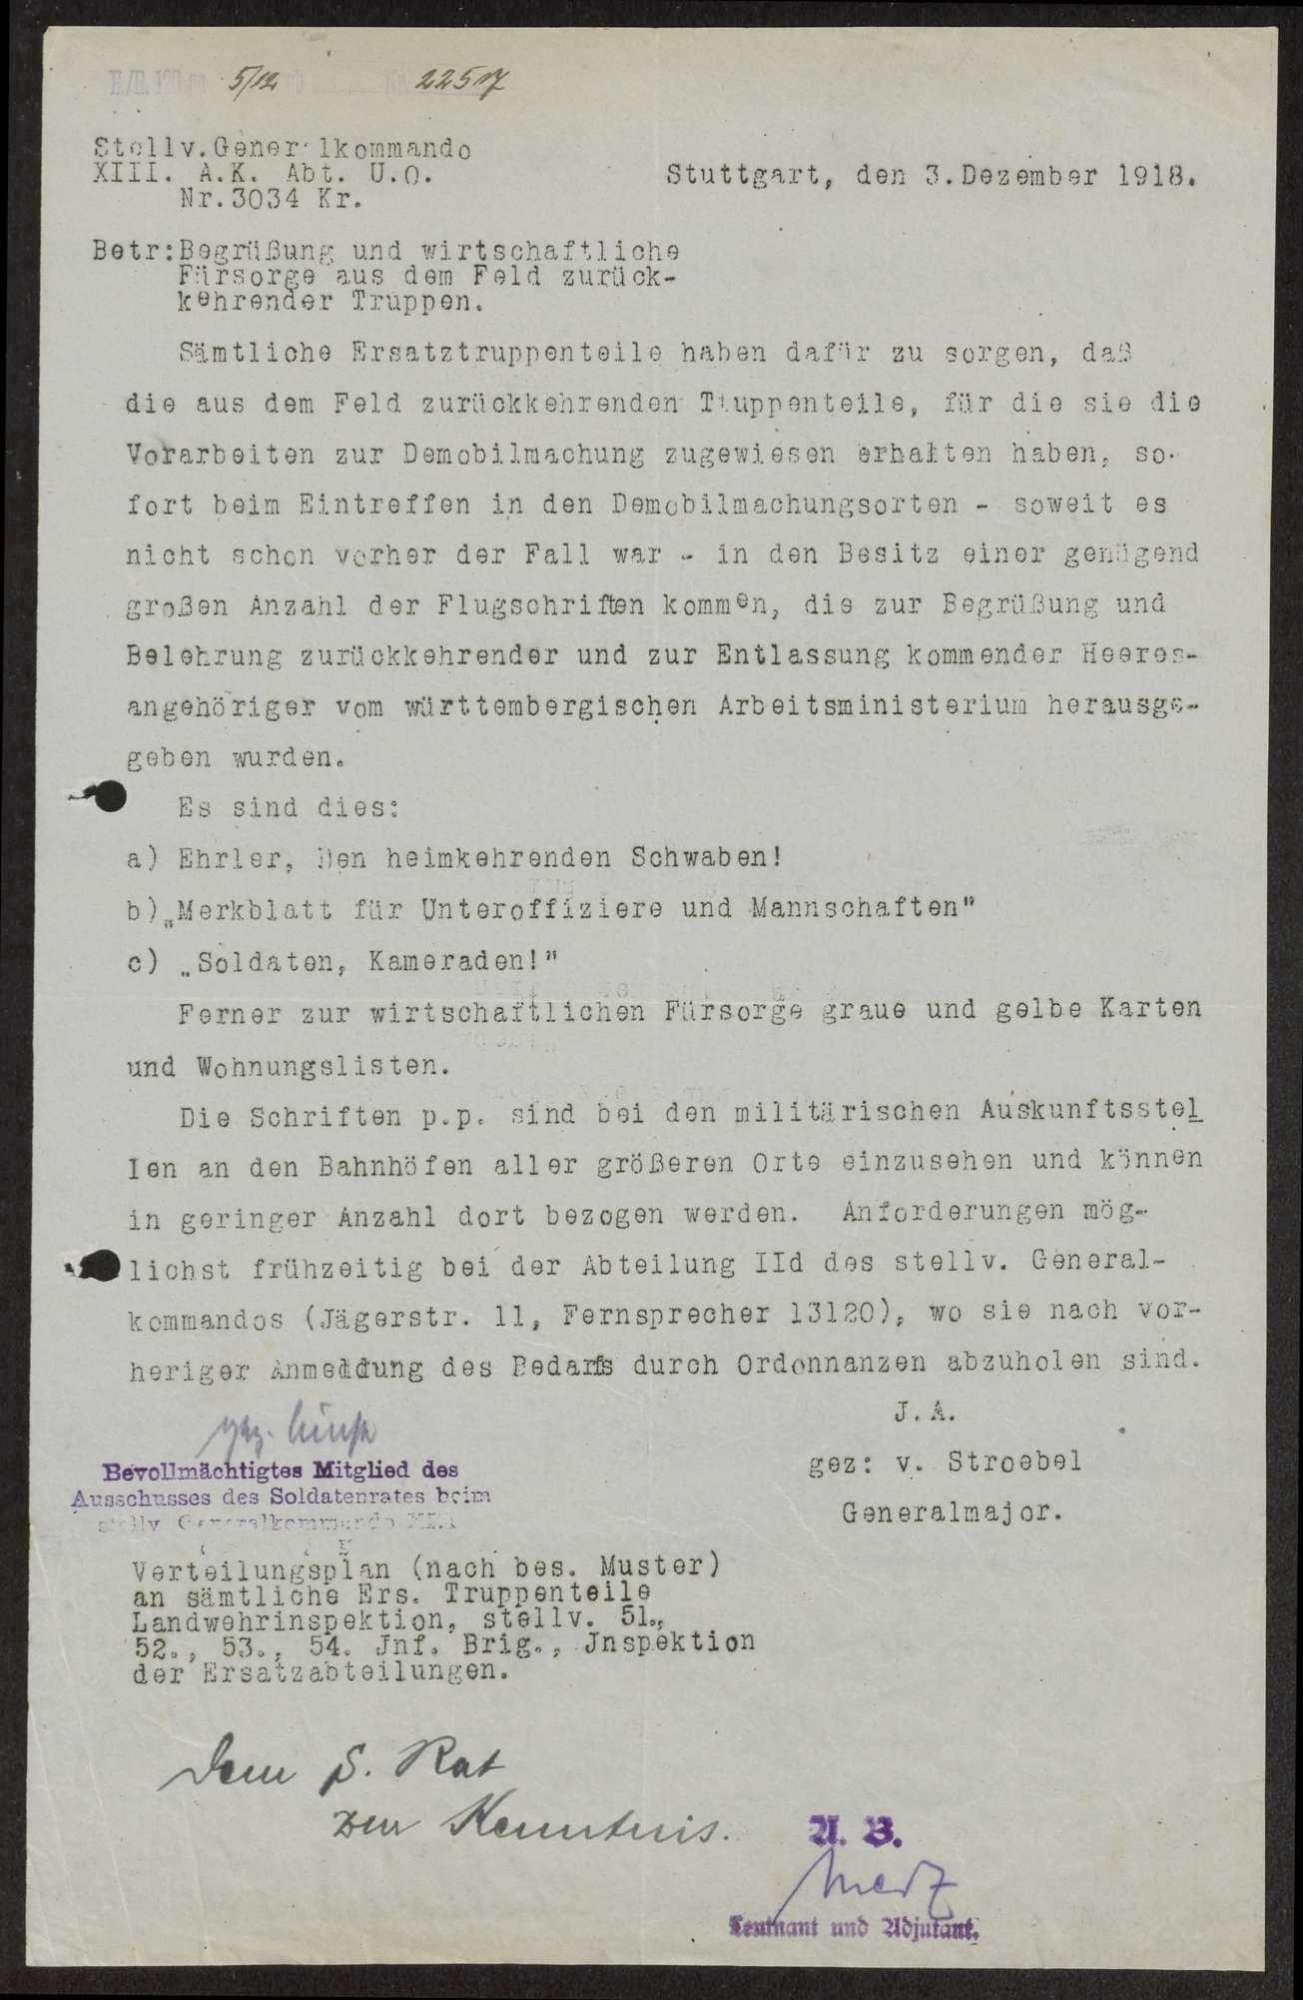 Förderung der Aufklärungs- und Propagandatätigkeit, Einrichtung einer Aufklärungssteile beim Kriegsministerium, Bild 1